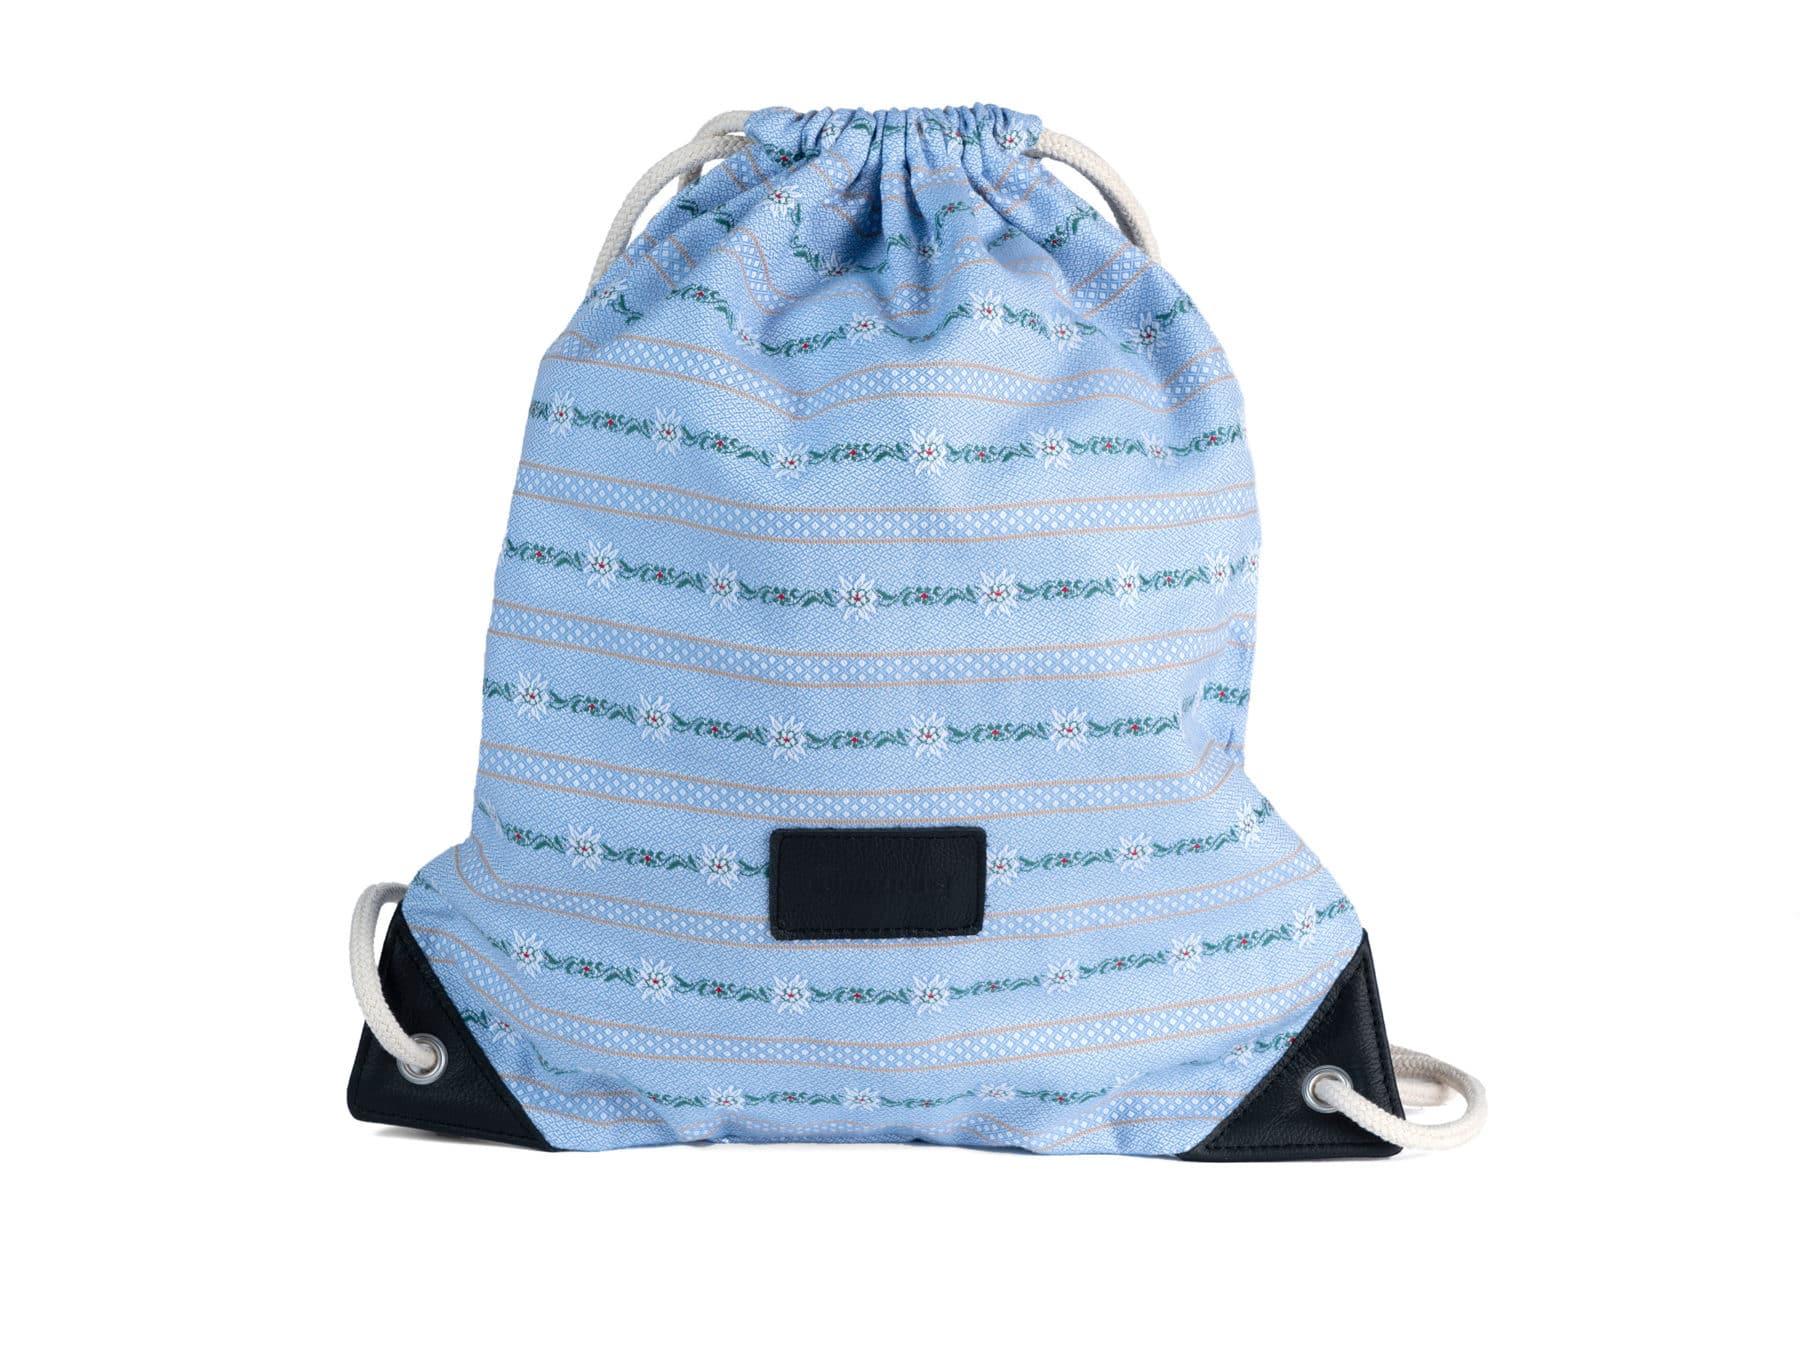 Schweizer Edelweiss Bag Backpack Rucksäckli swiss made Edelweissstoff